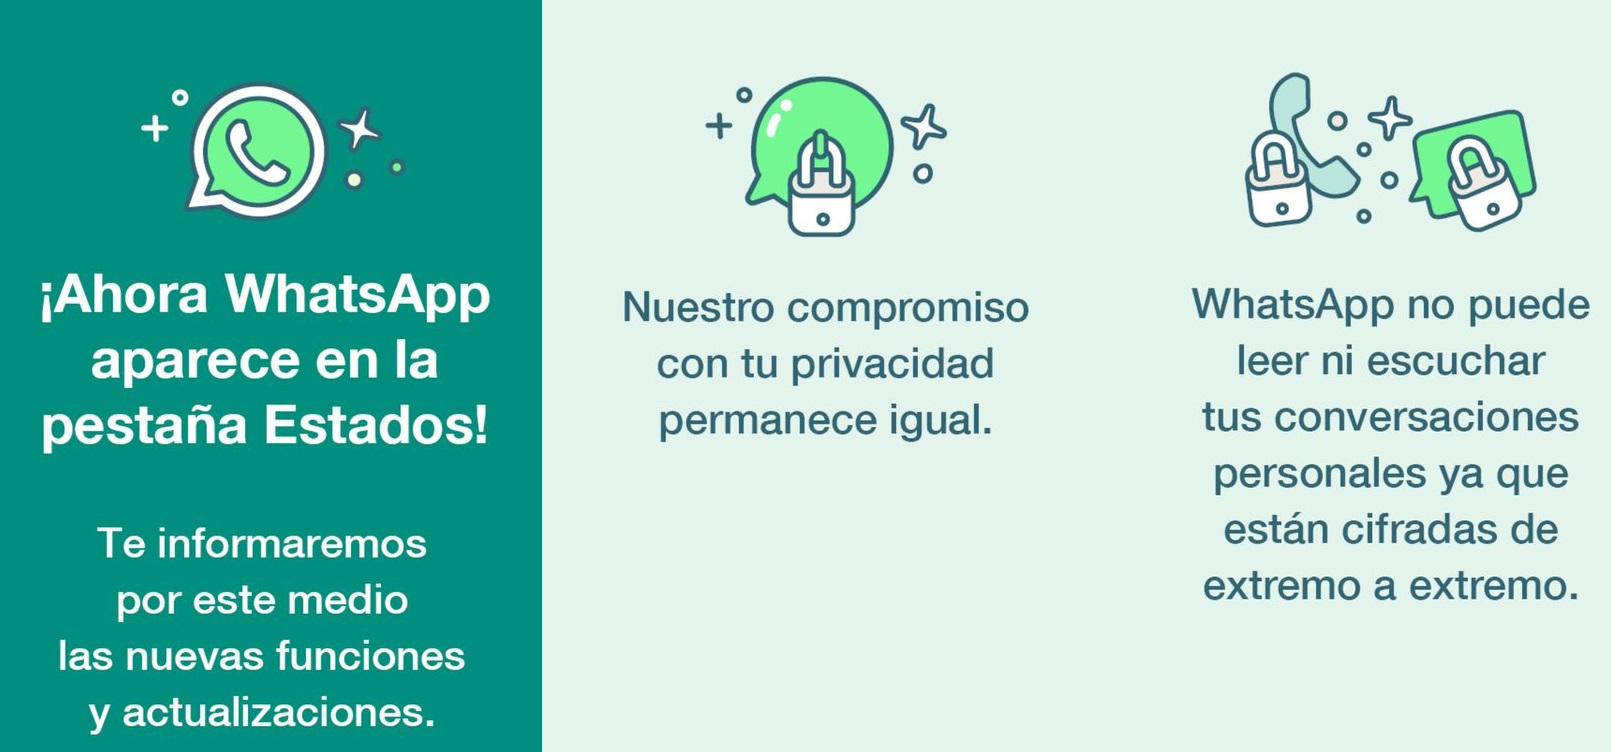 WhatsApp incorporó estados en la aplicación para informar novedades • Canal C